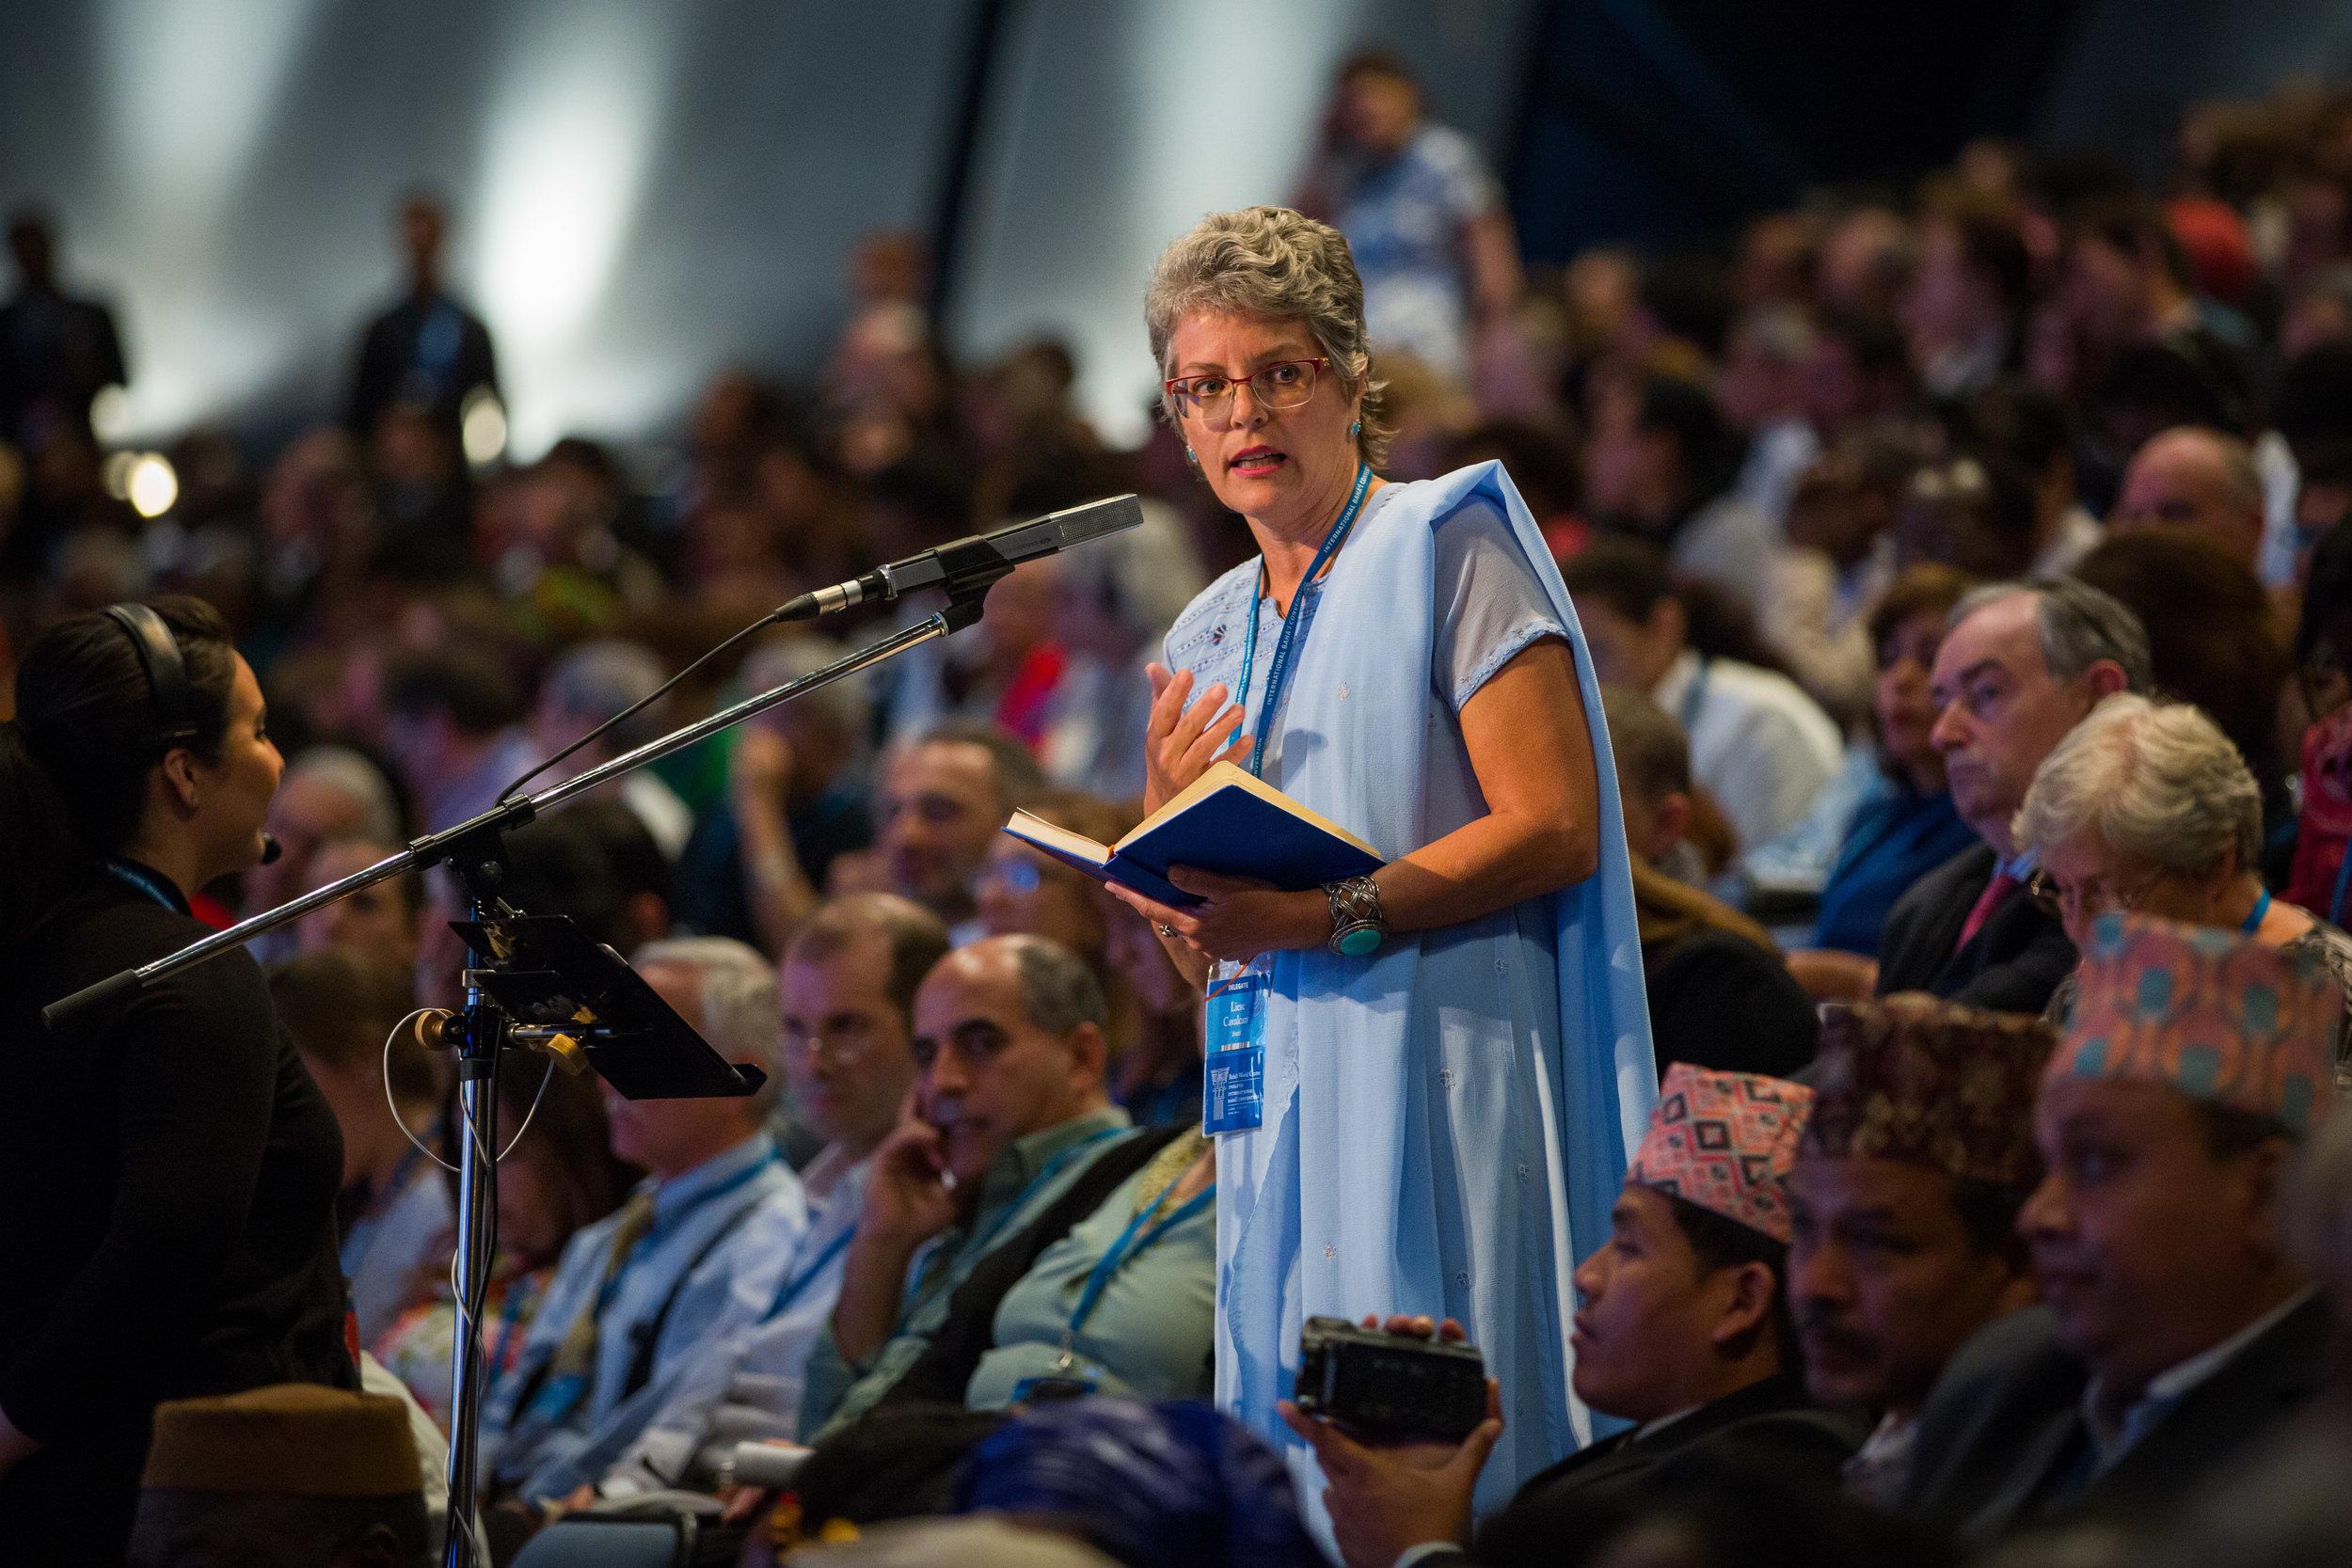 En delegat fra Brasil bidrar til rådslagningen. Foto: bahai.org